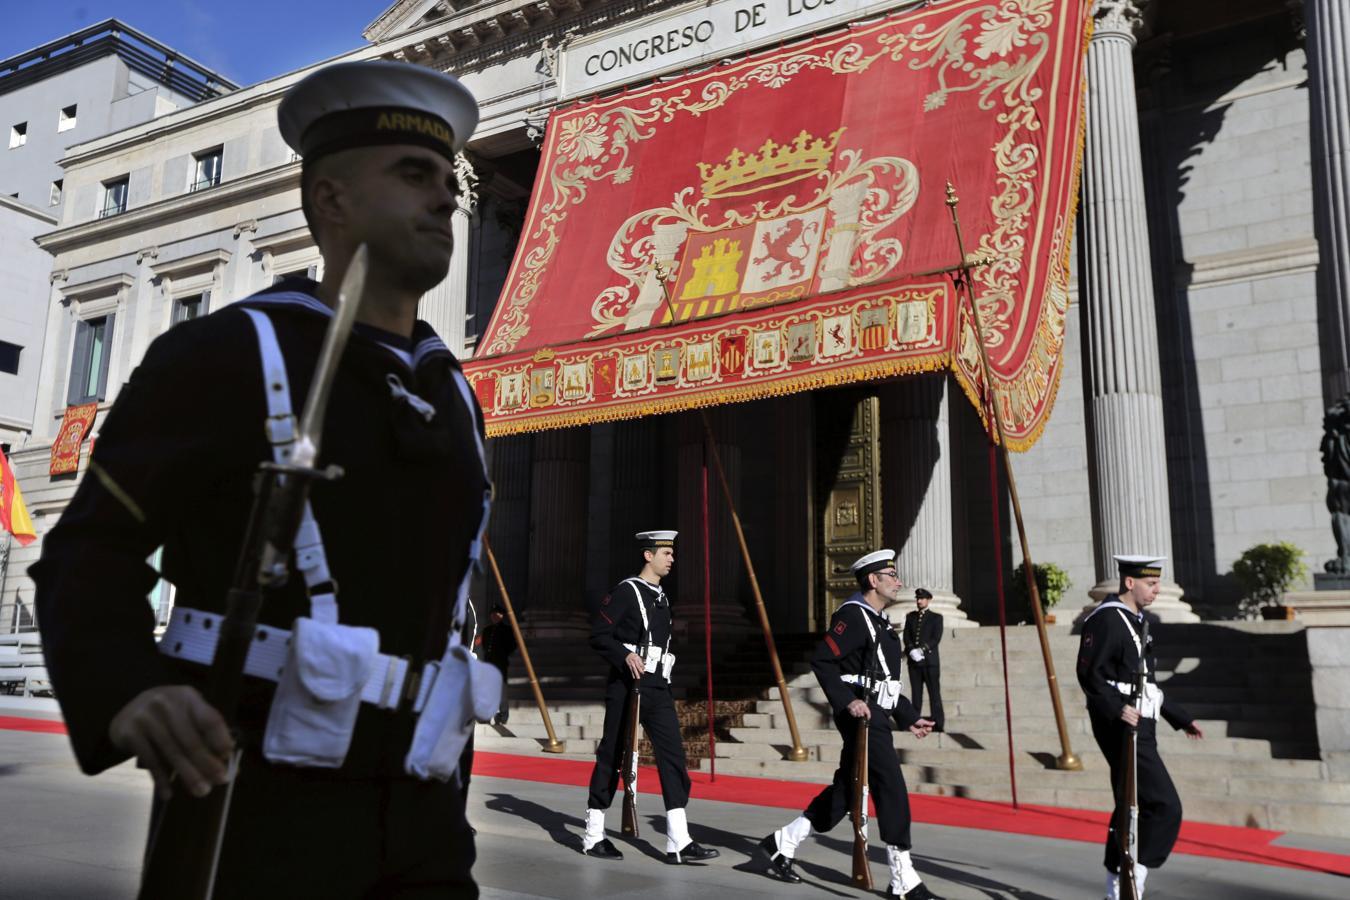 Varios soldados de la Armada pasan frente al Congreso de los Diputados